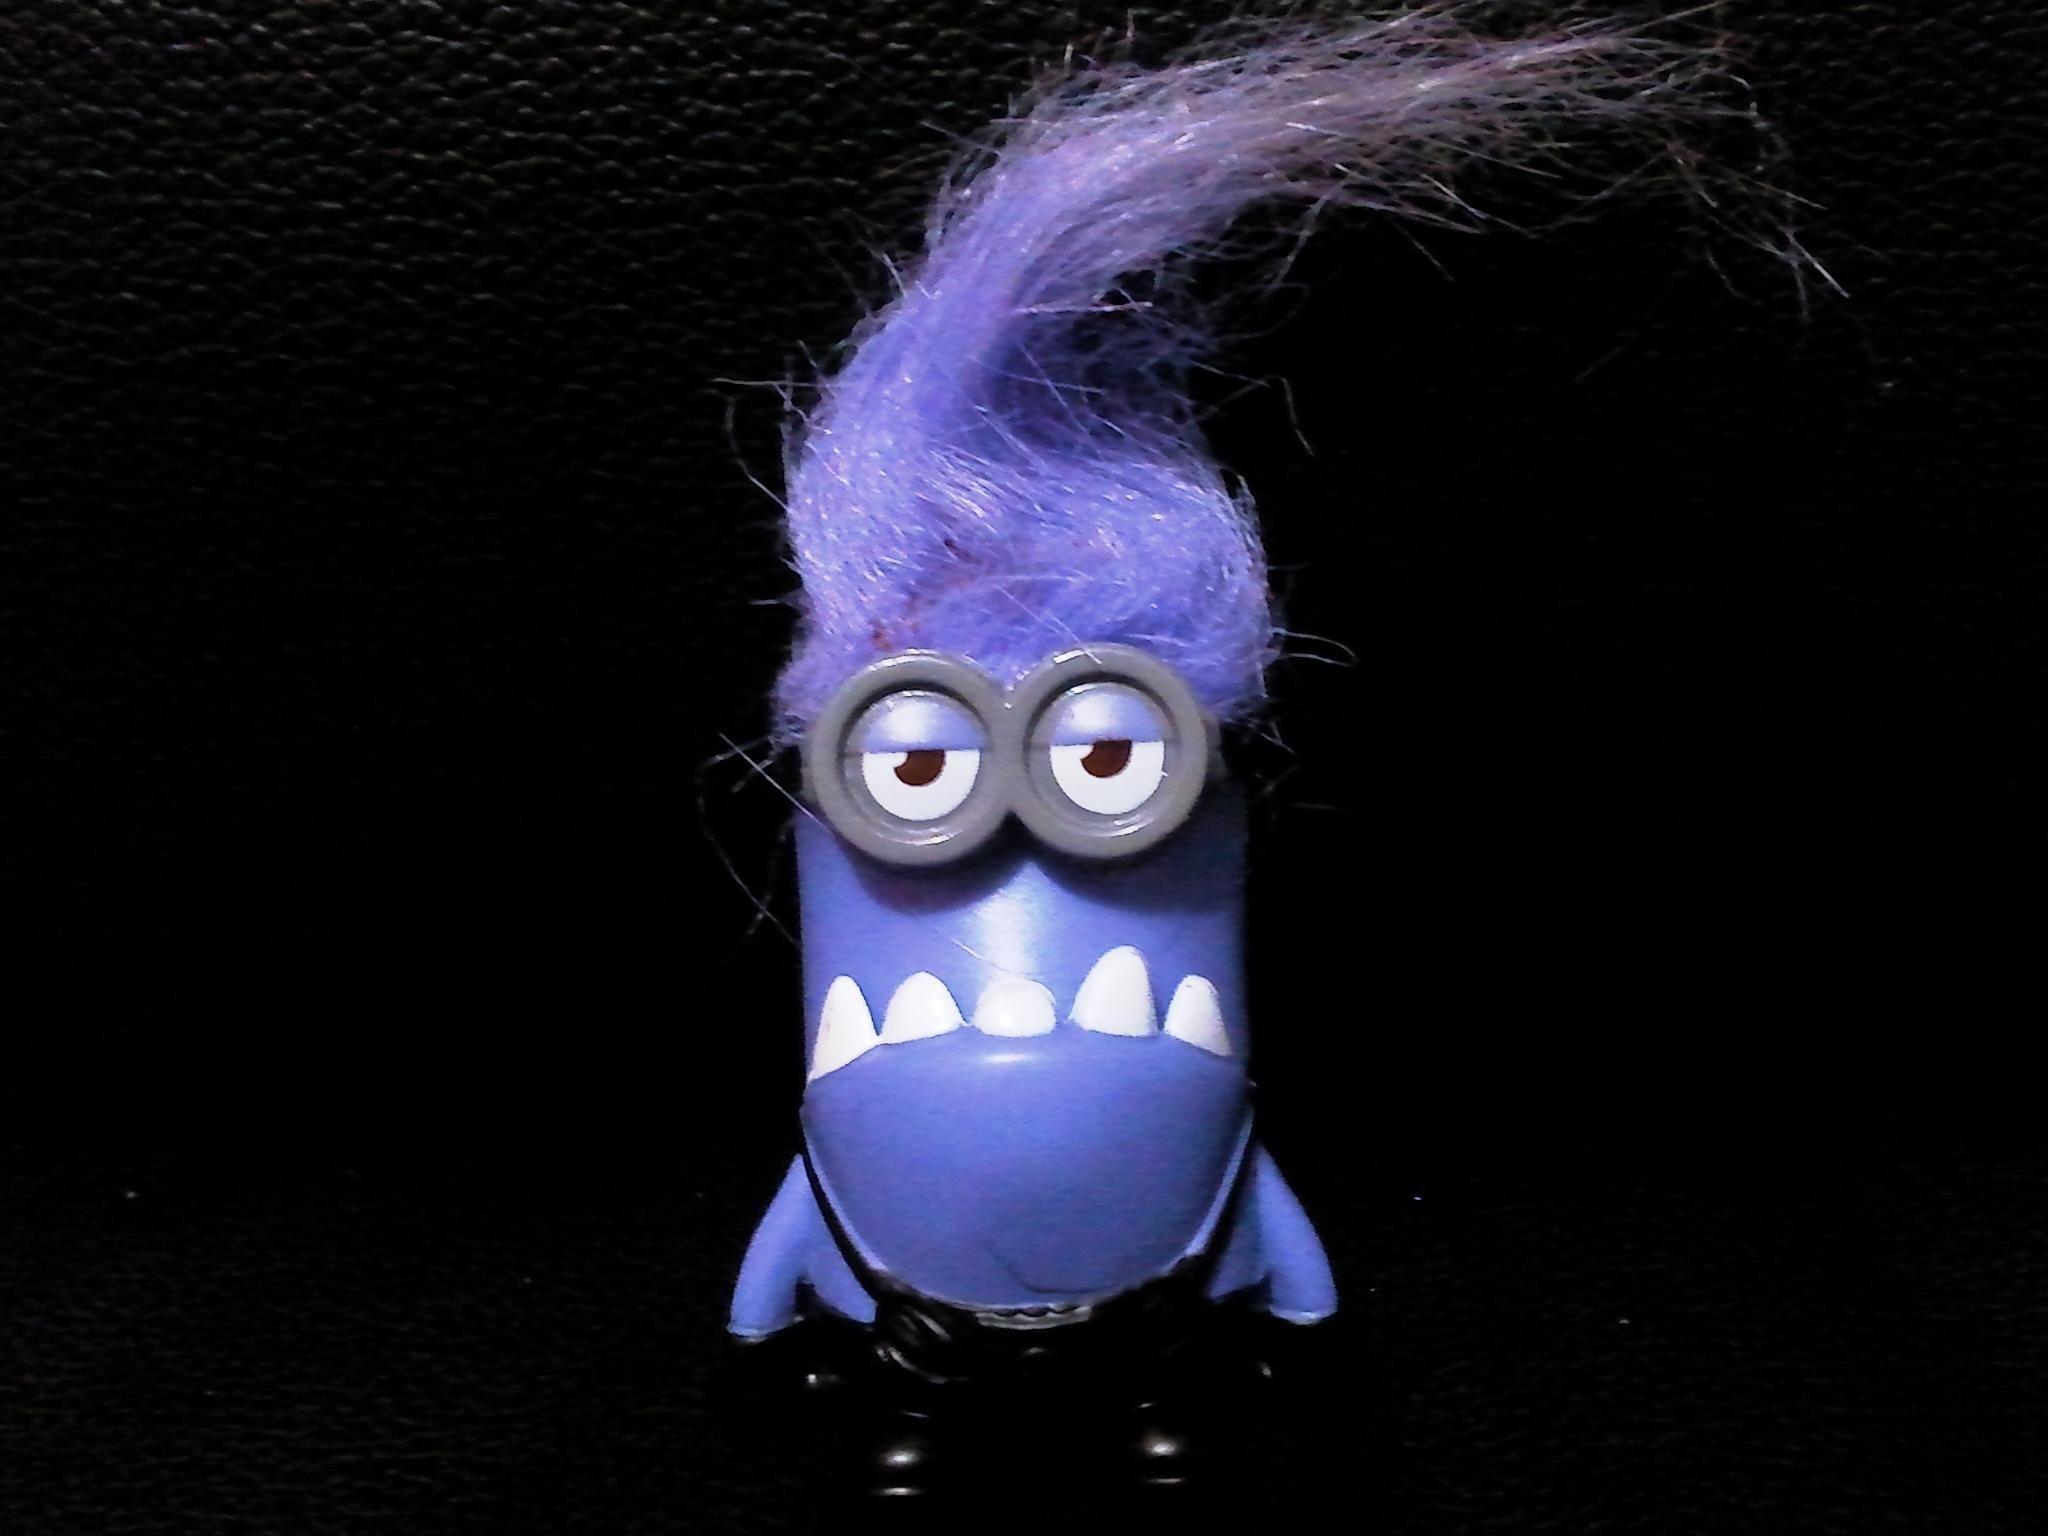 это злой фиолетовый миньон картинка халль